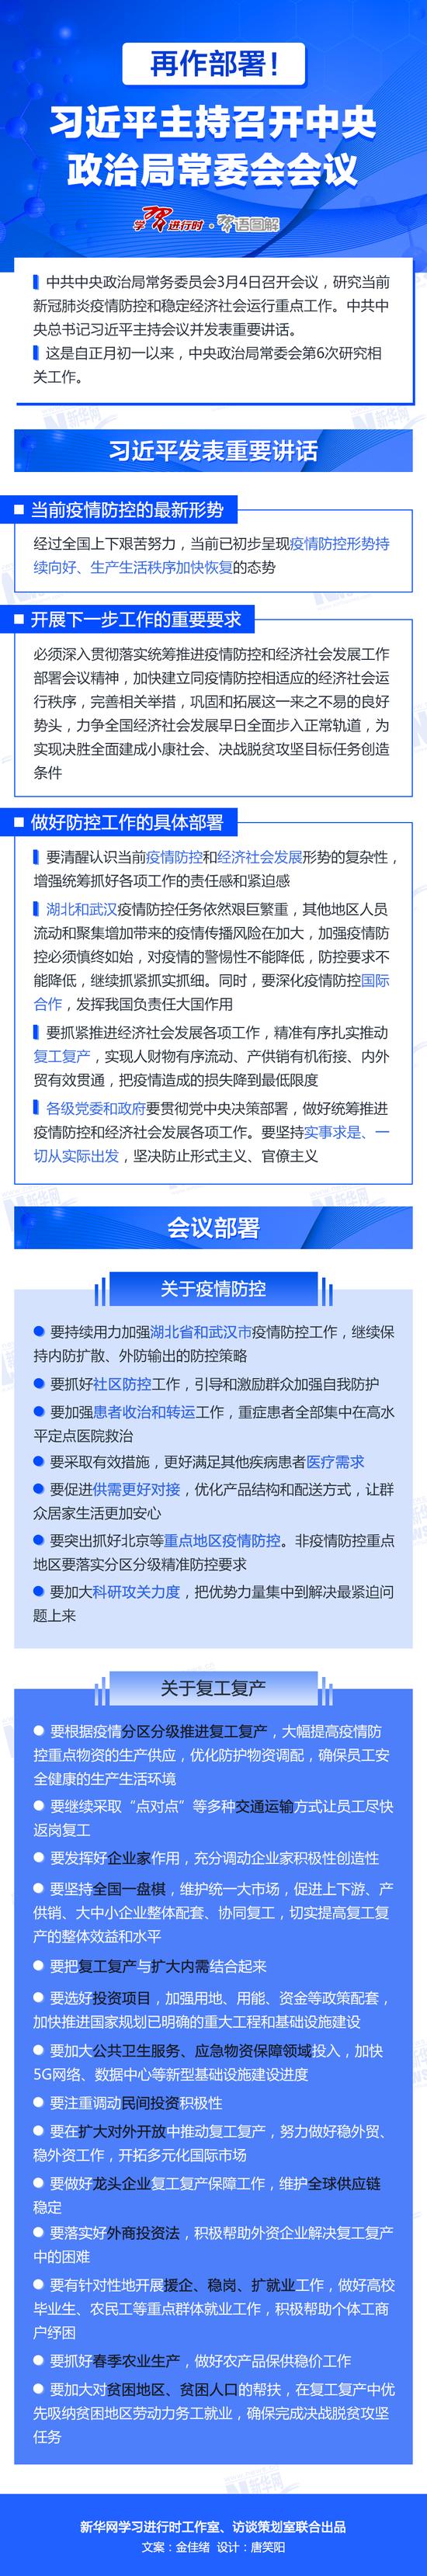 再作部署!习近平主持召开中央政治局常委会会议图片